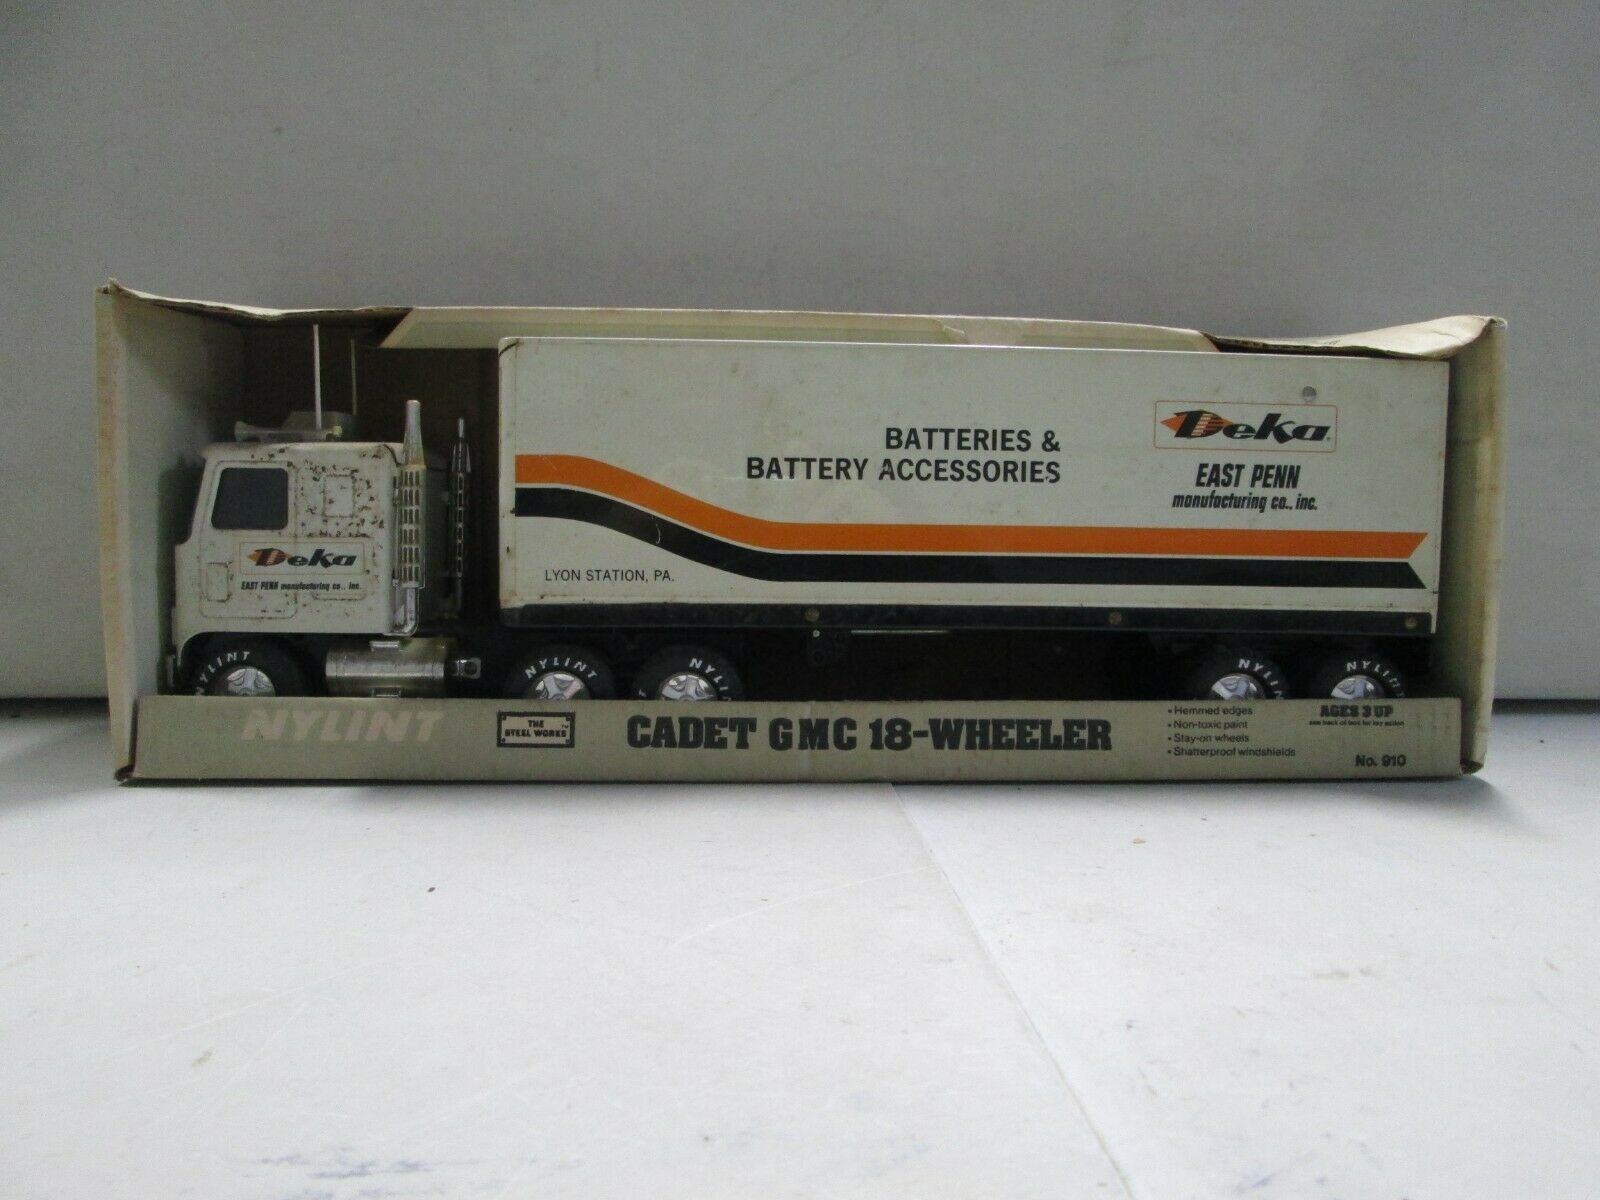 Nylint kadett GMC 18 hjuler Deka Batterier